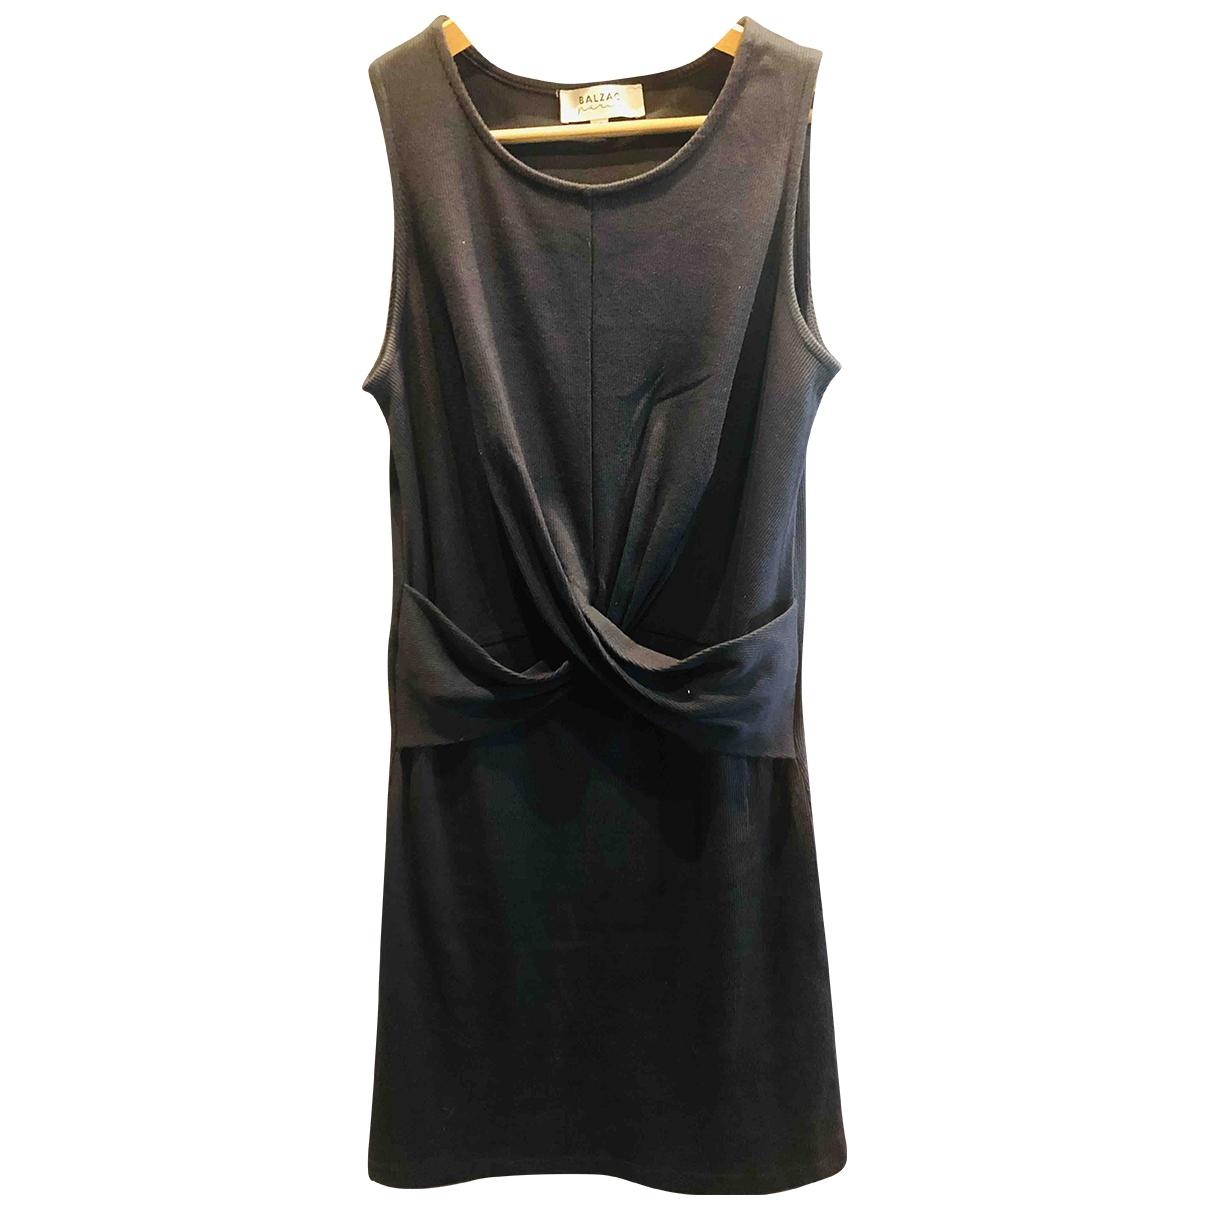 Balzac Paris - Robe   pour femme en coton - elasthane - noir